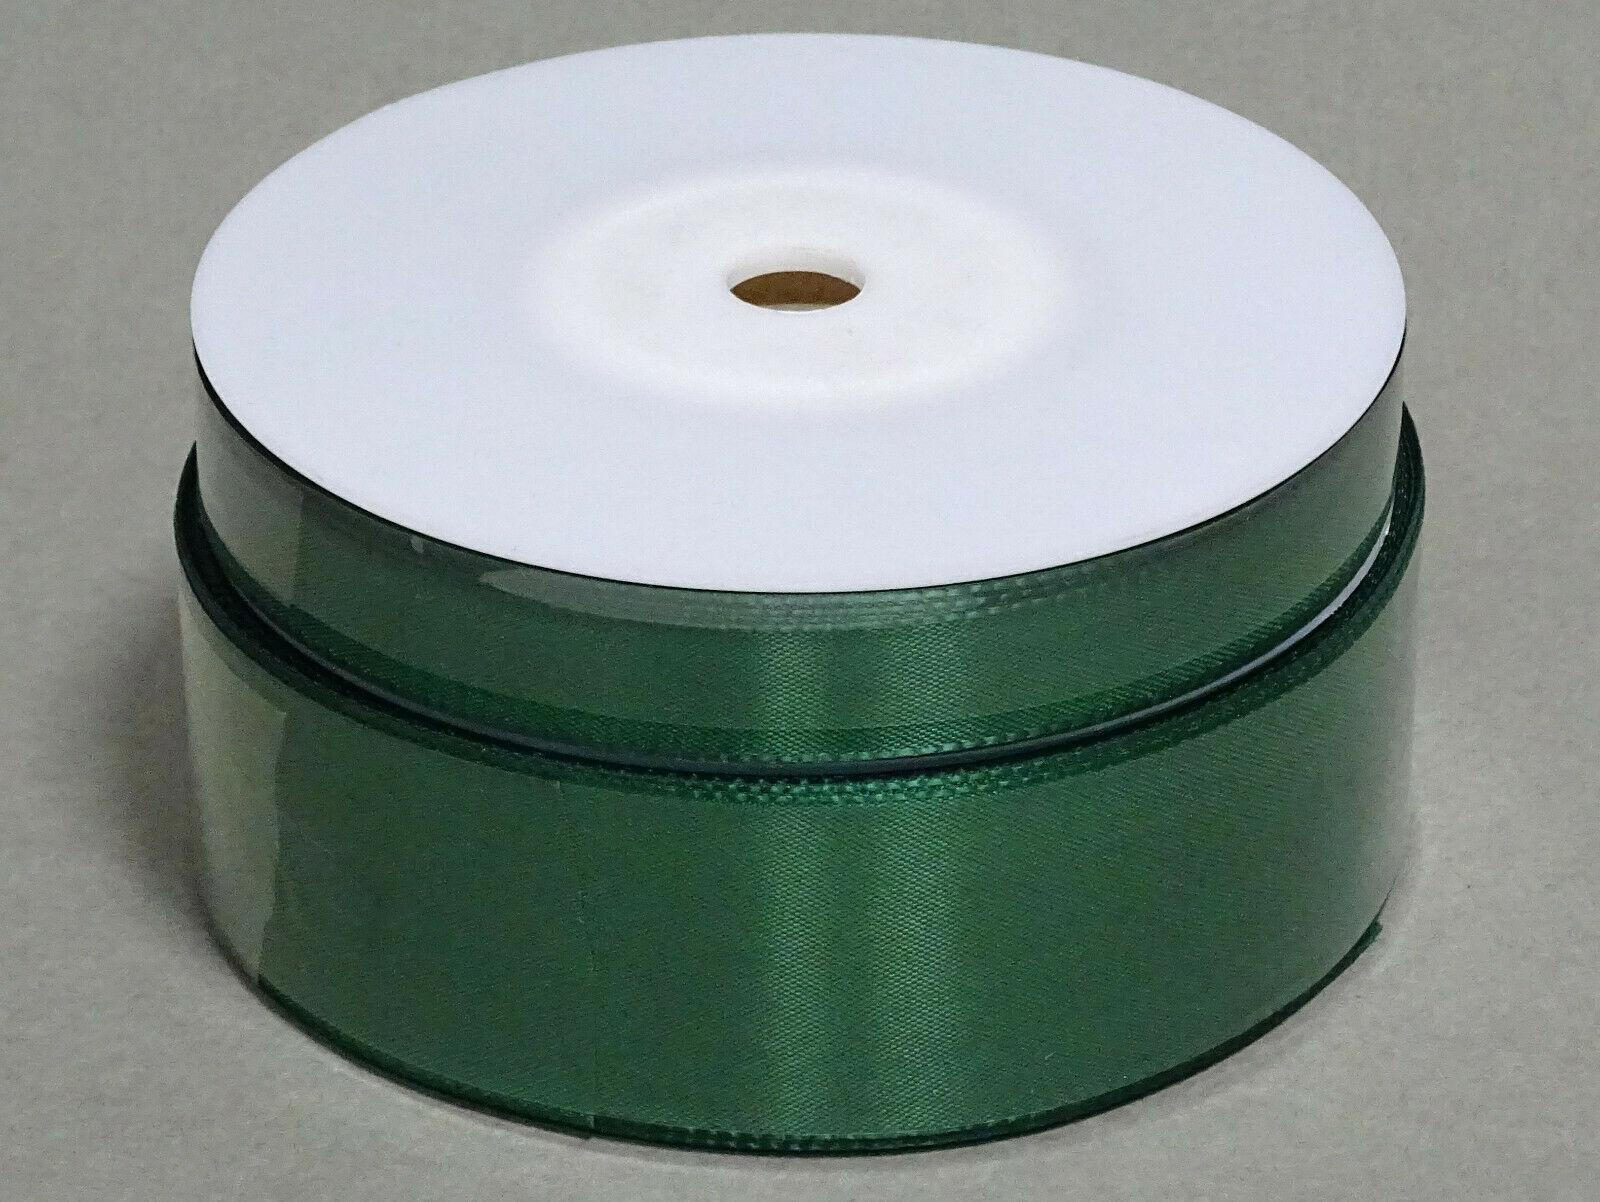 Seidenband Schleifenband 50 m x 15 / 25 / 40mm Dekoband ab 0,08€/m Geschenkband  - Grün 858, 25 mm x 50 m